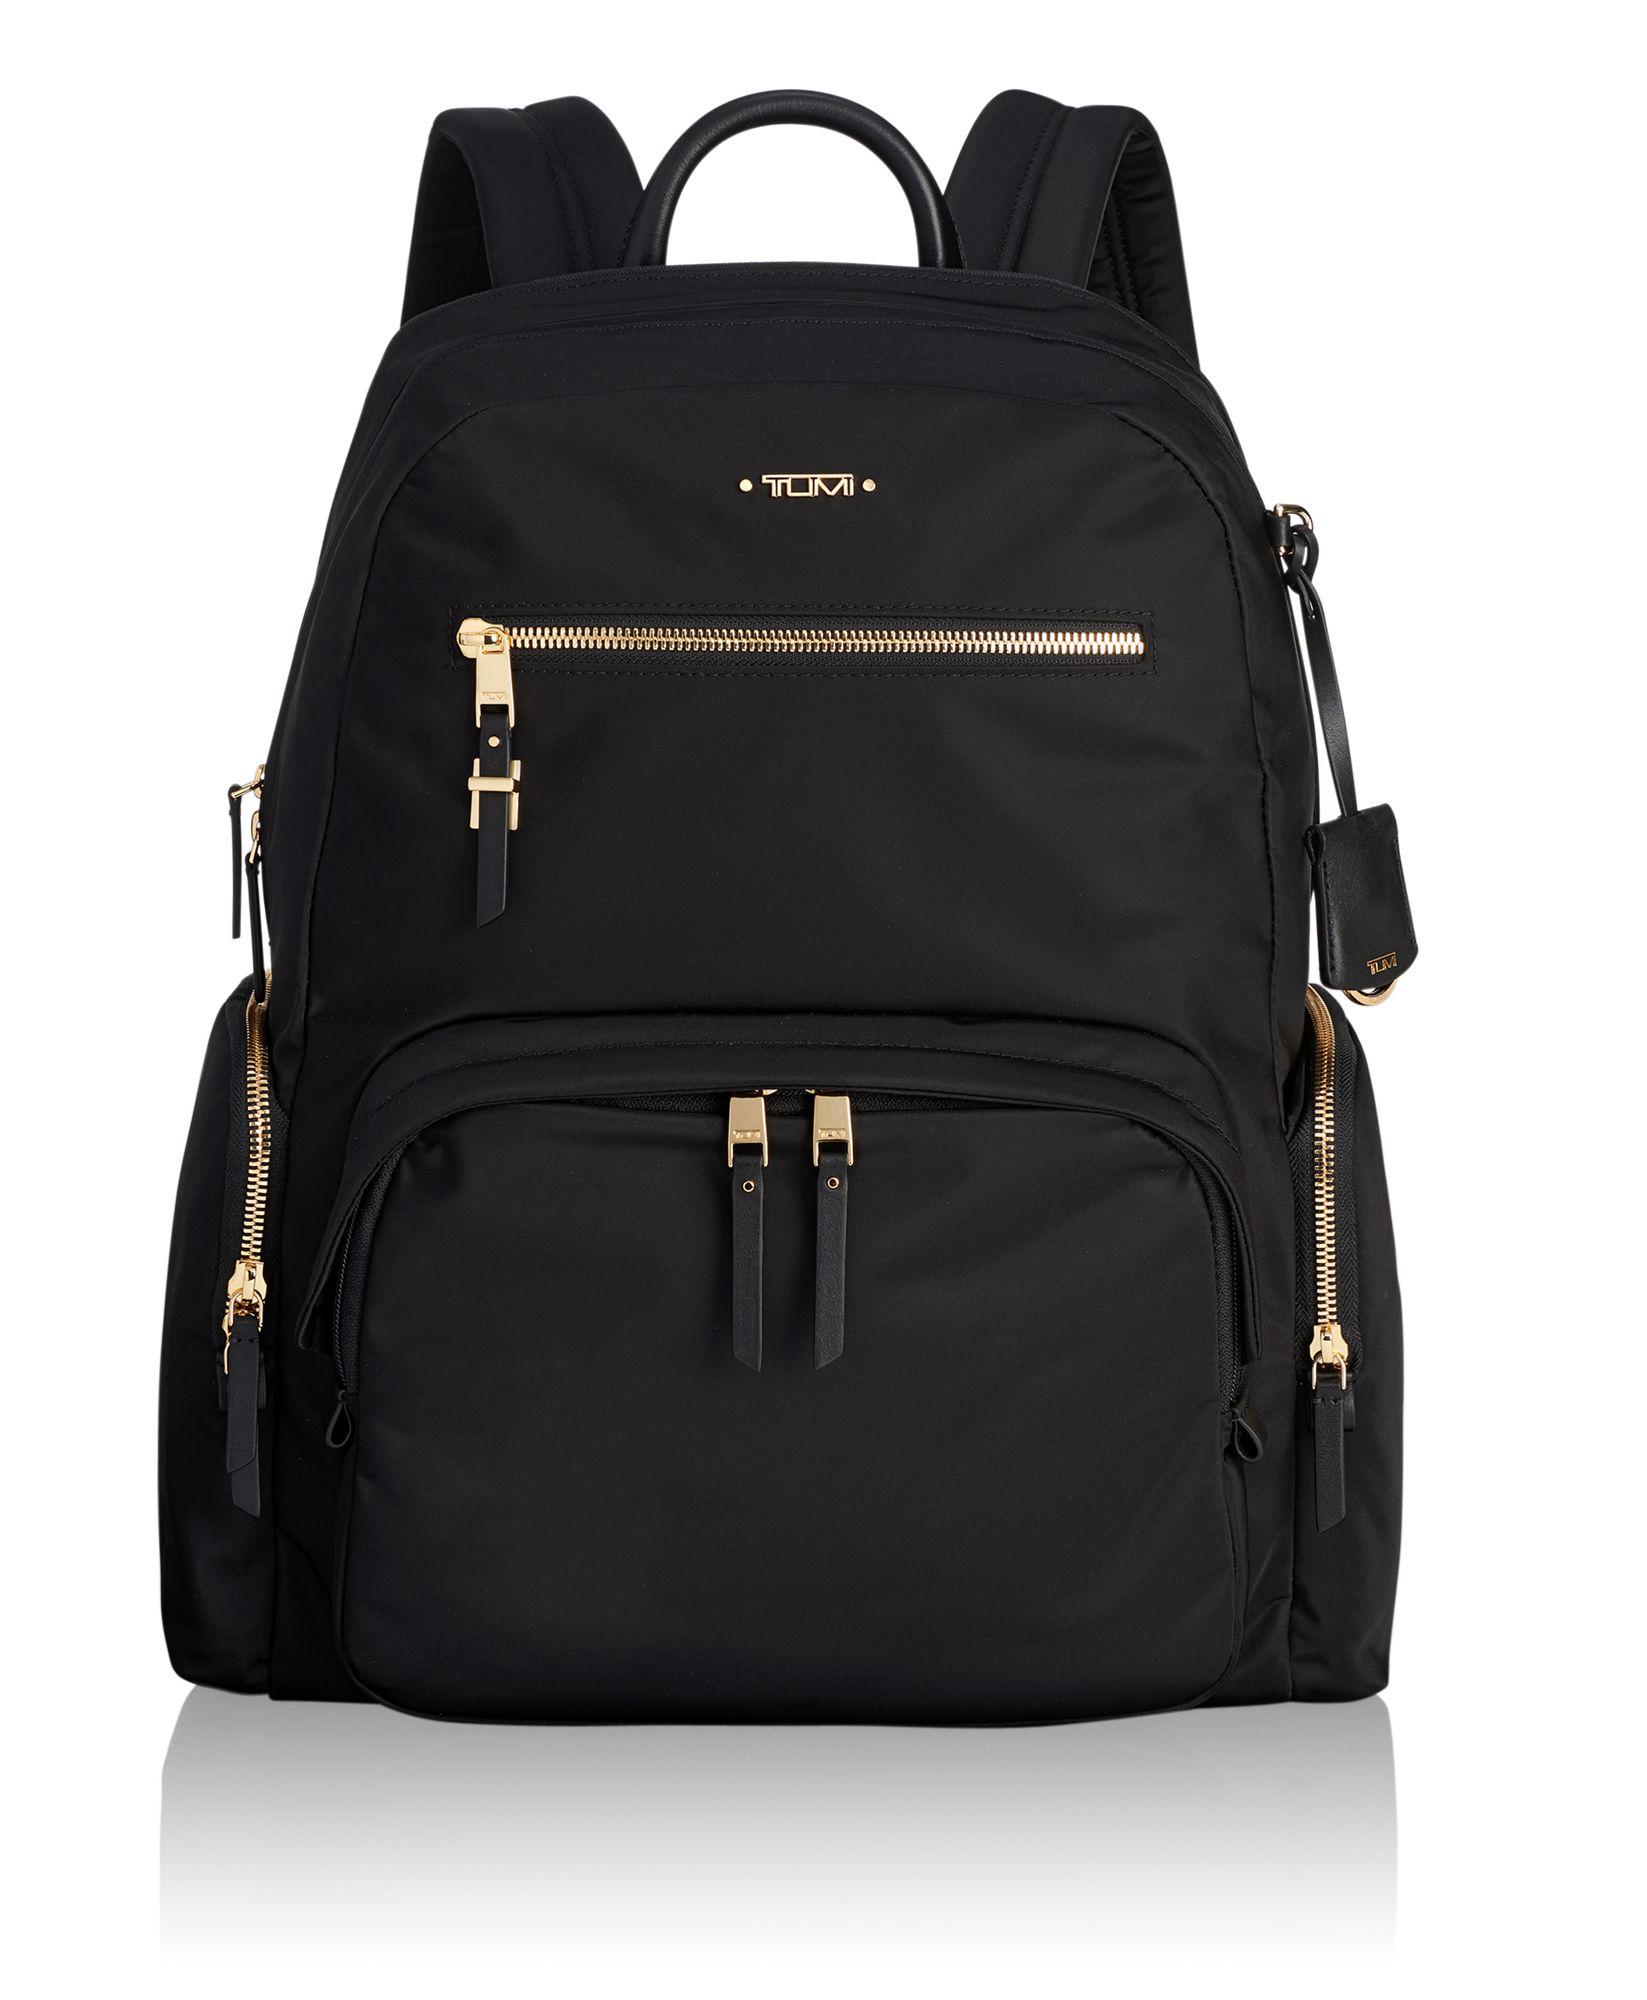 Guia de compras: Veja opções de mochilas para a volta às